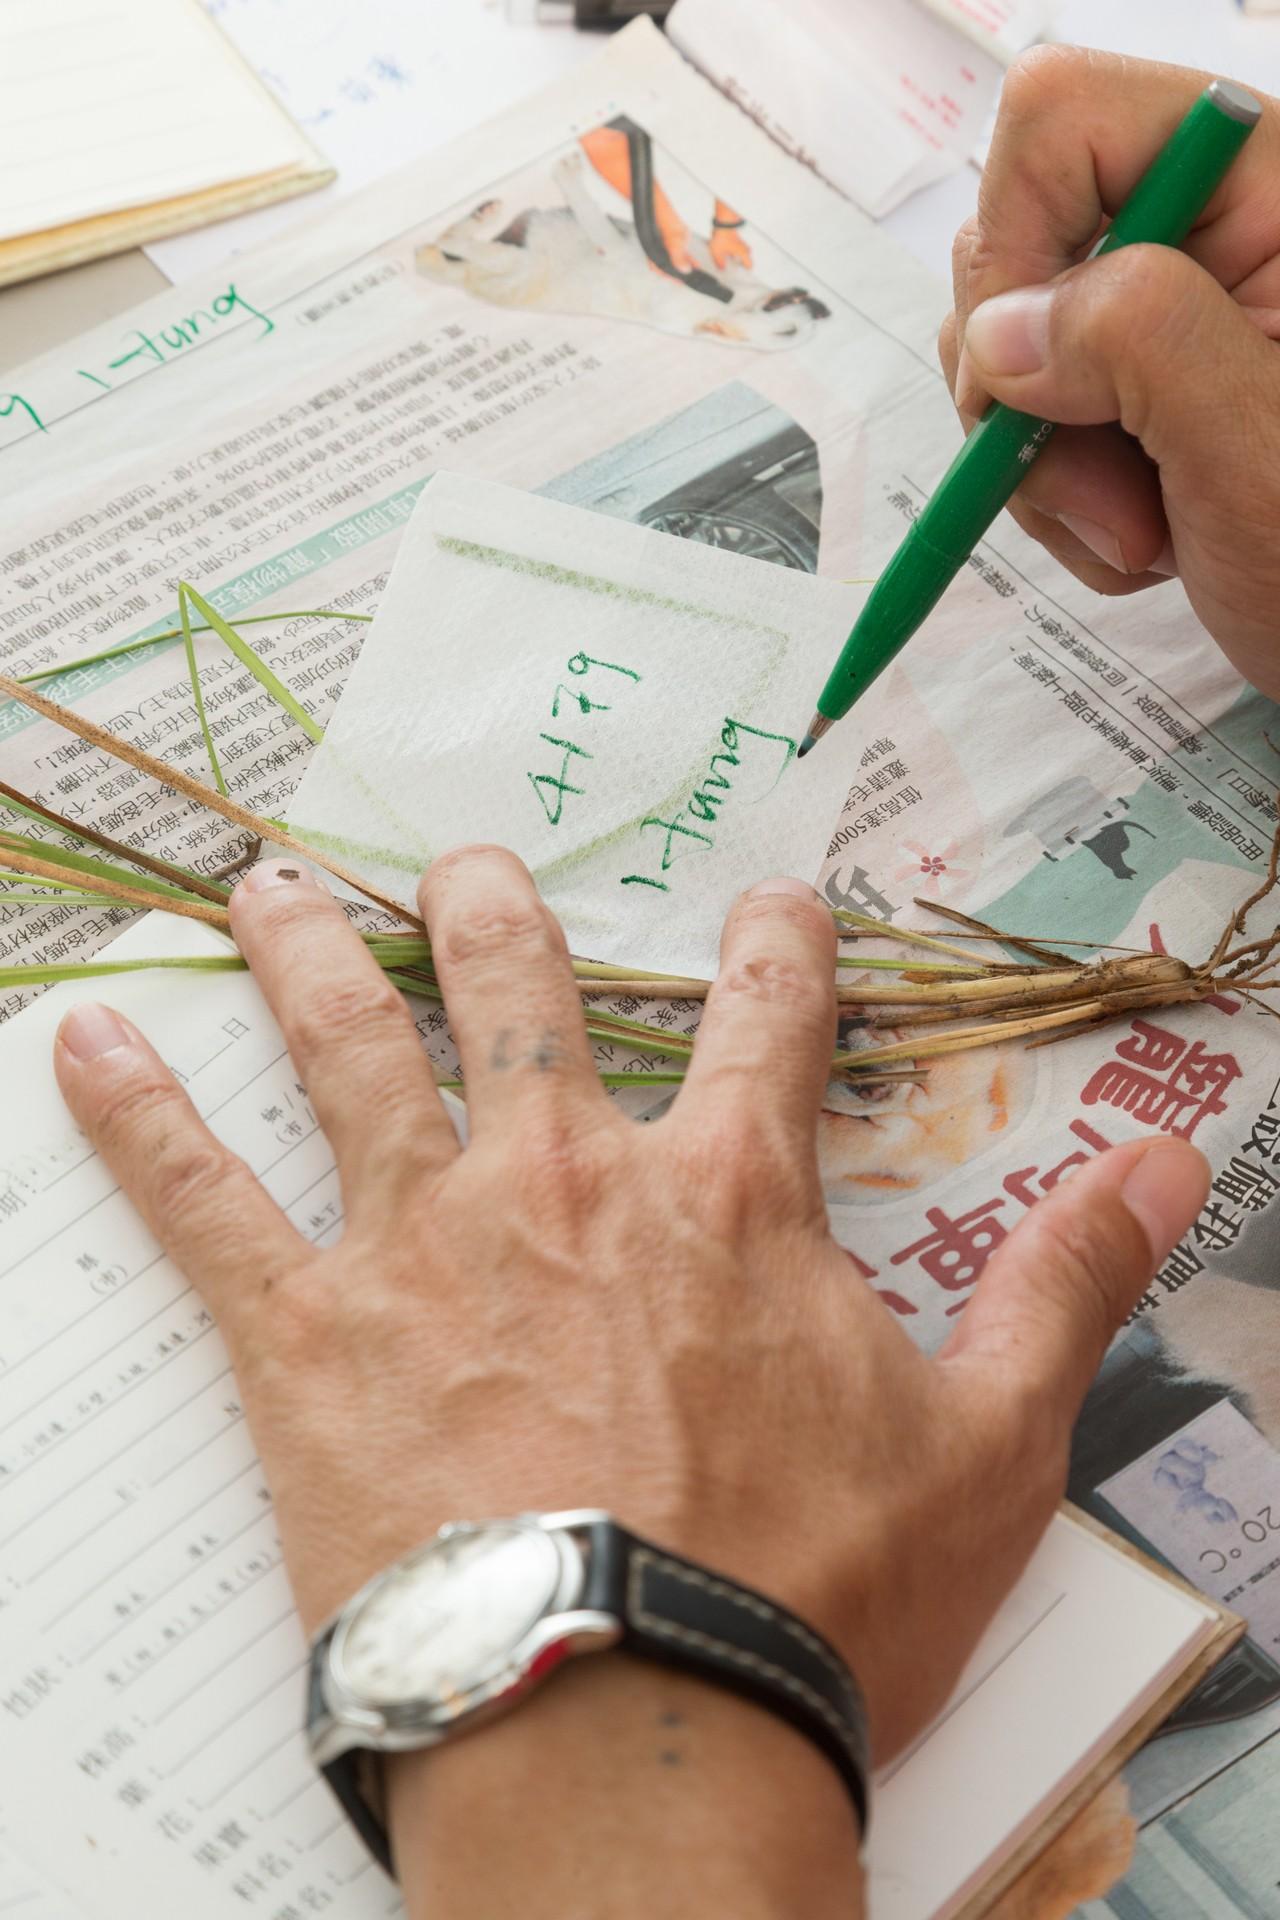 每回採集回植物,洪信介會立刻記錄至小手冊中。攝影/陳立凱